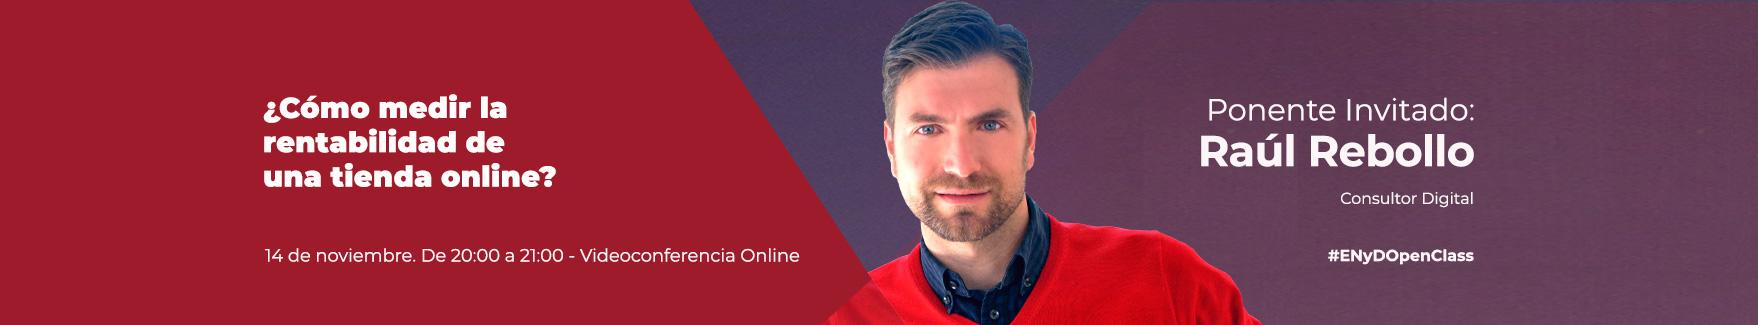 OpenClass de Raúl Rebollo sobre rentabilidad en una tienda online